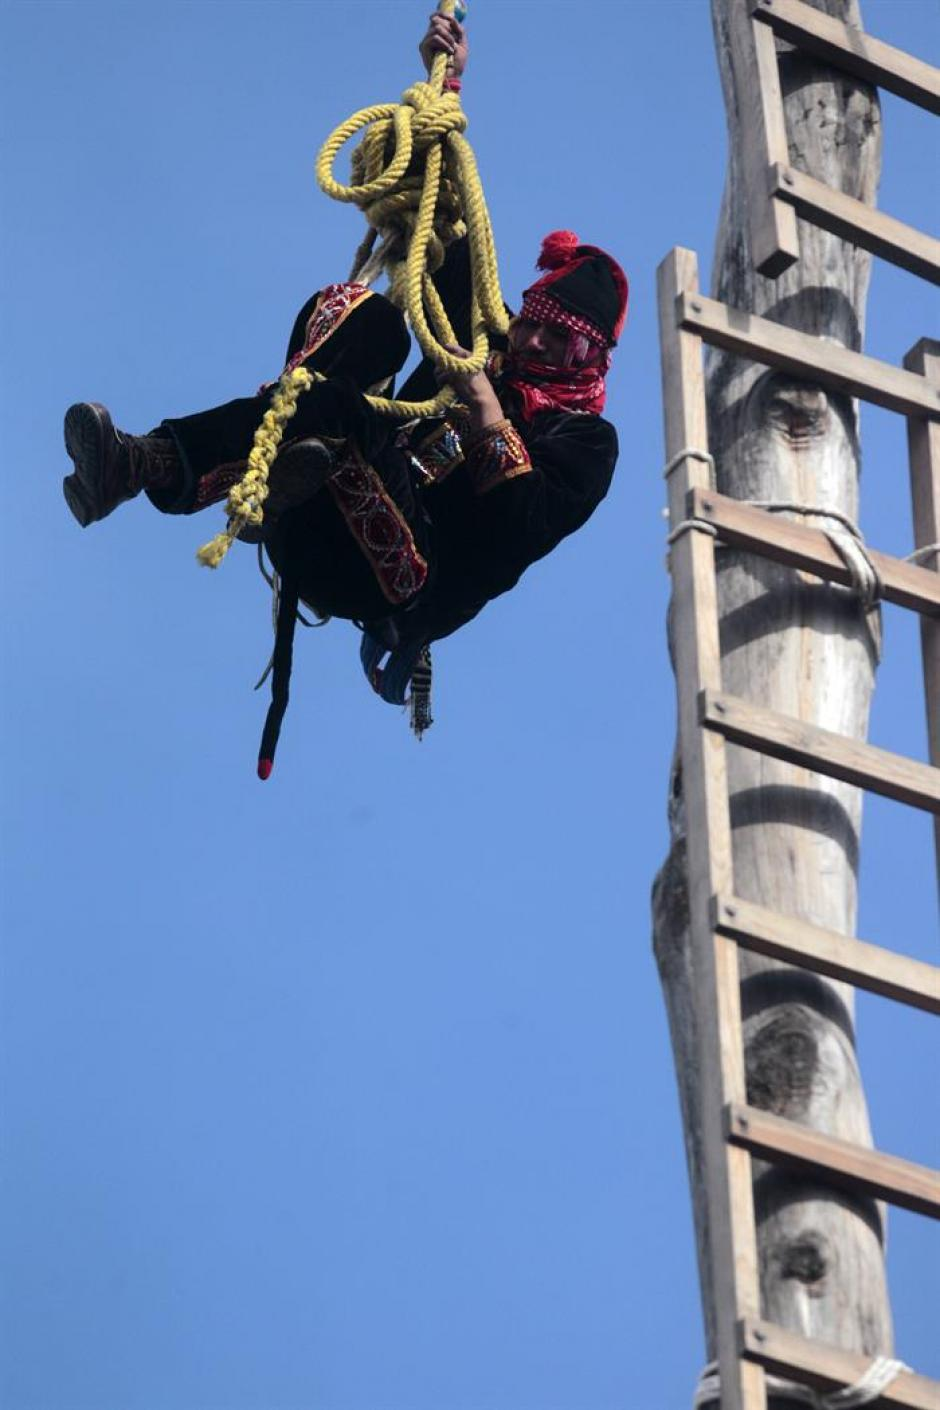 El momento del ajuste de la cuerda con la que realizarán la maniobra es el más peligroso. (Foto: Esteban Biba/Soy502)